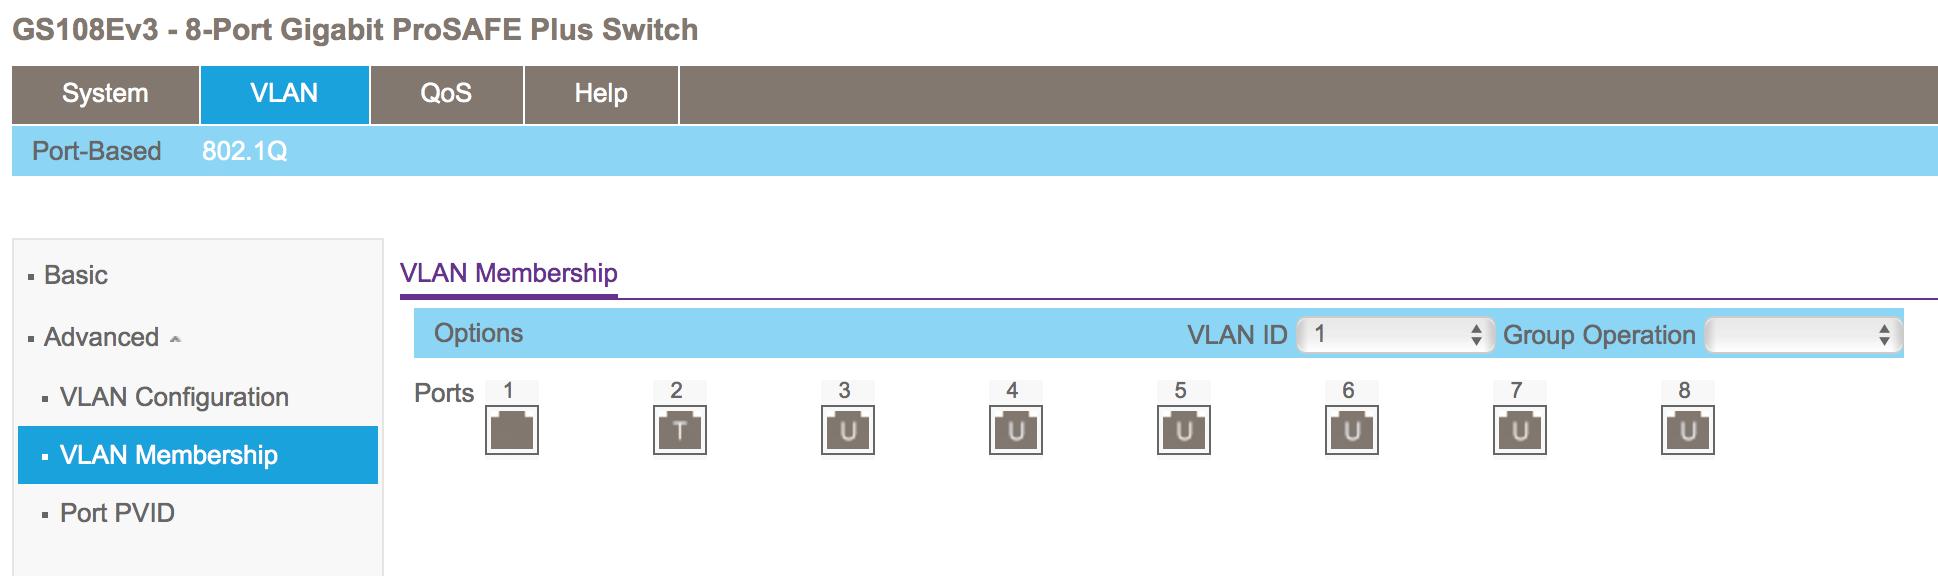 Netgear GS108E v3 VLAN membership